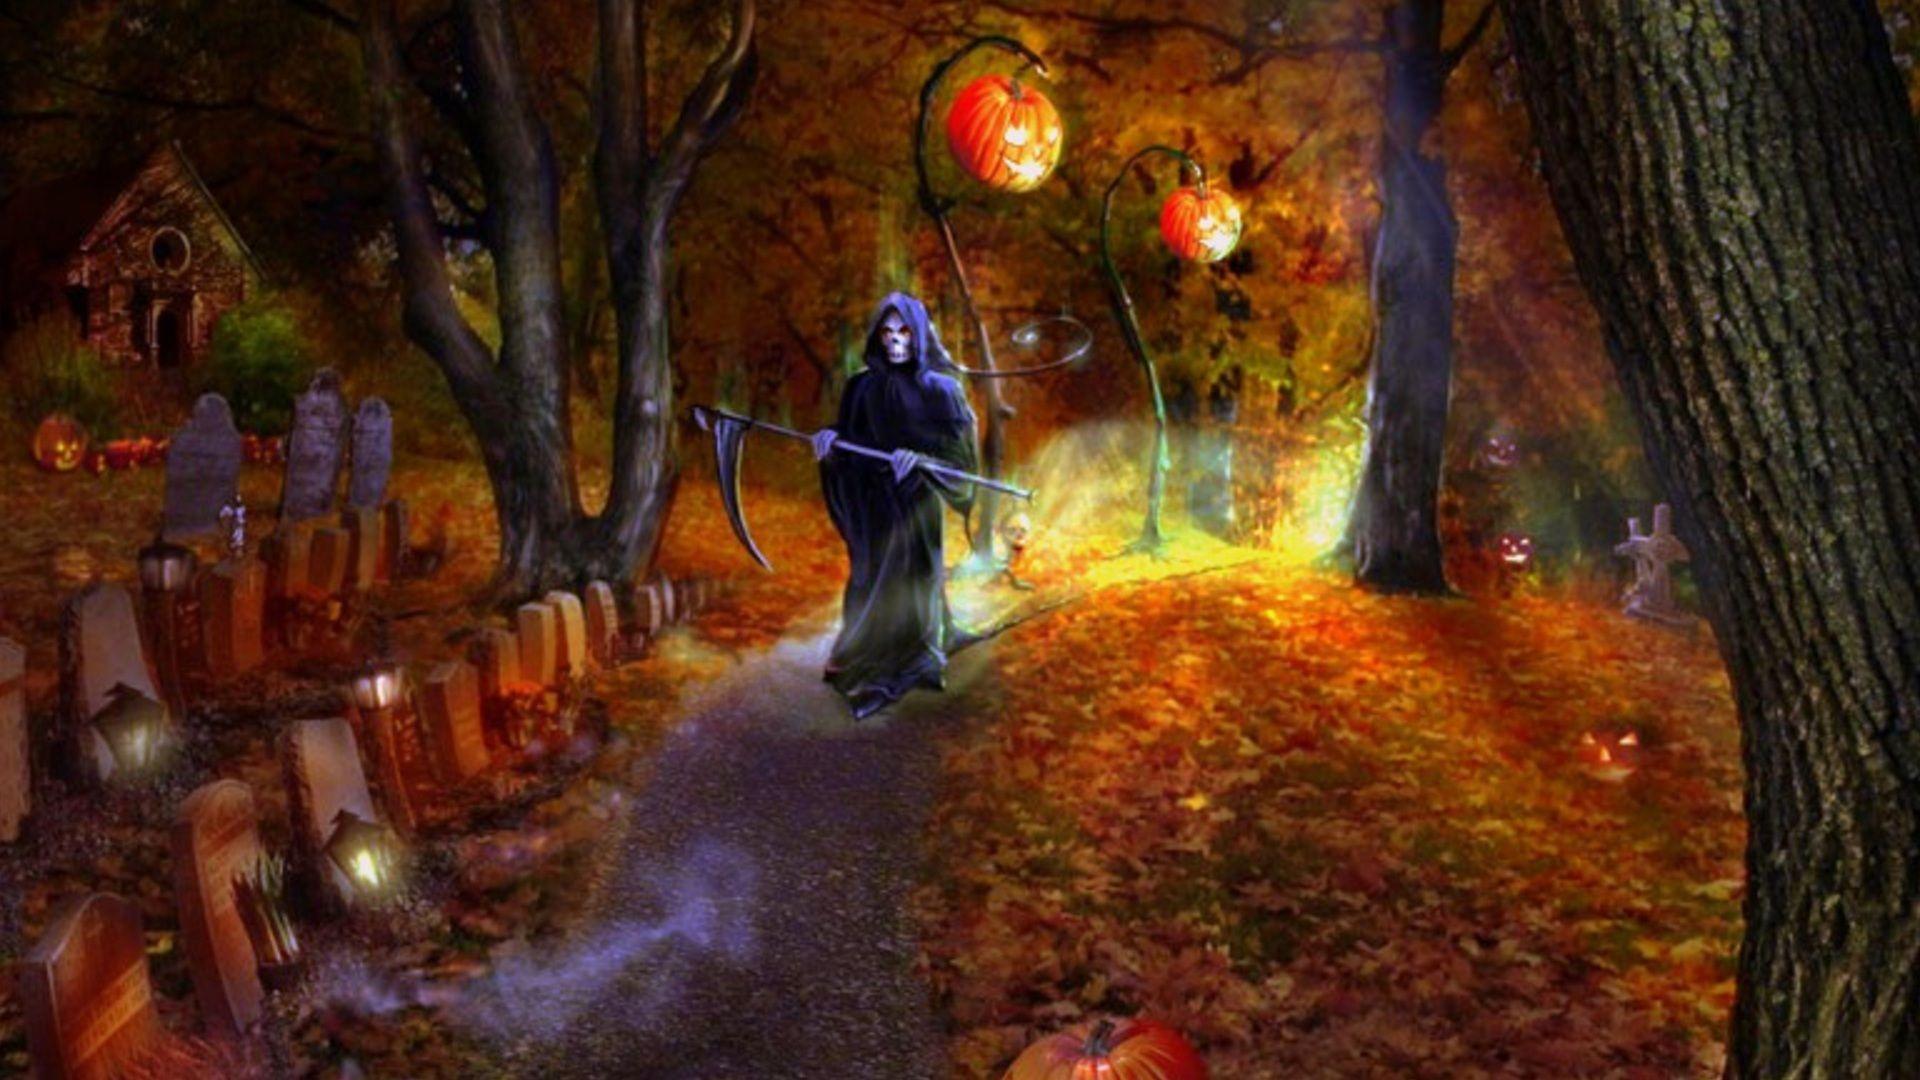 yahoo halloween wallpaper Halloween Wallpapers 71 1920x1080